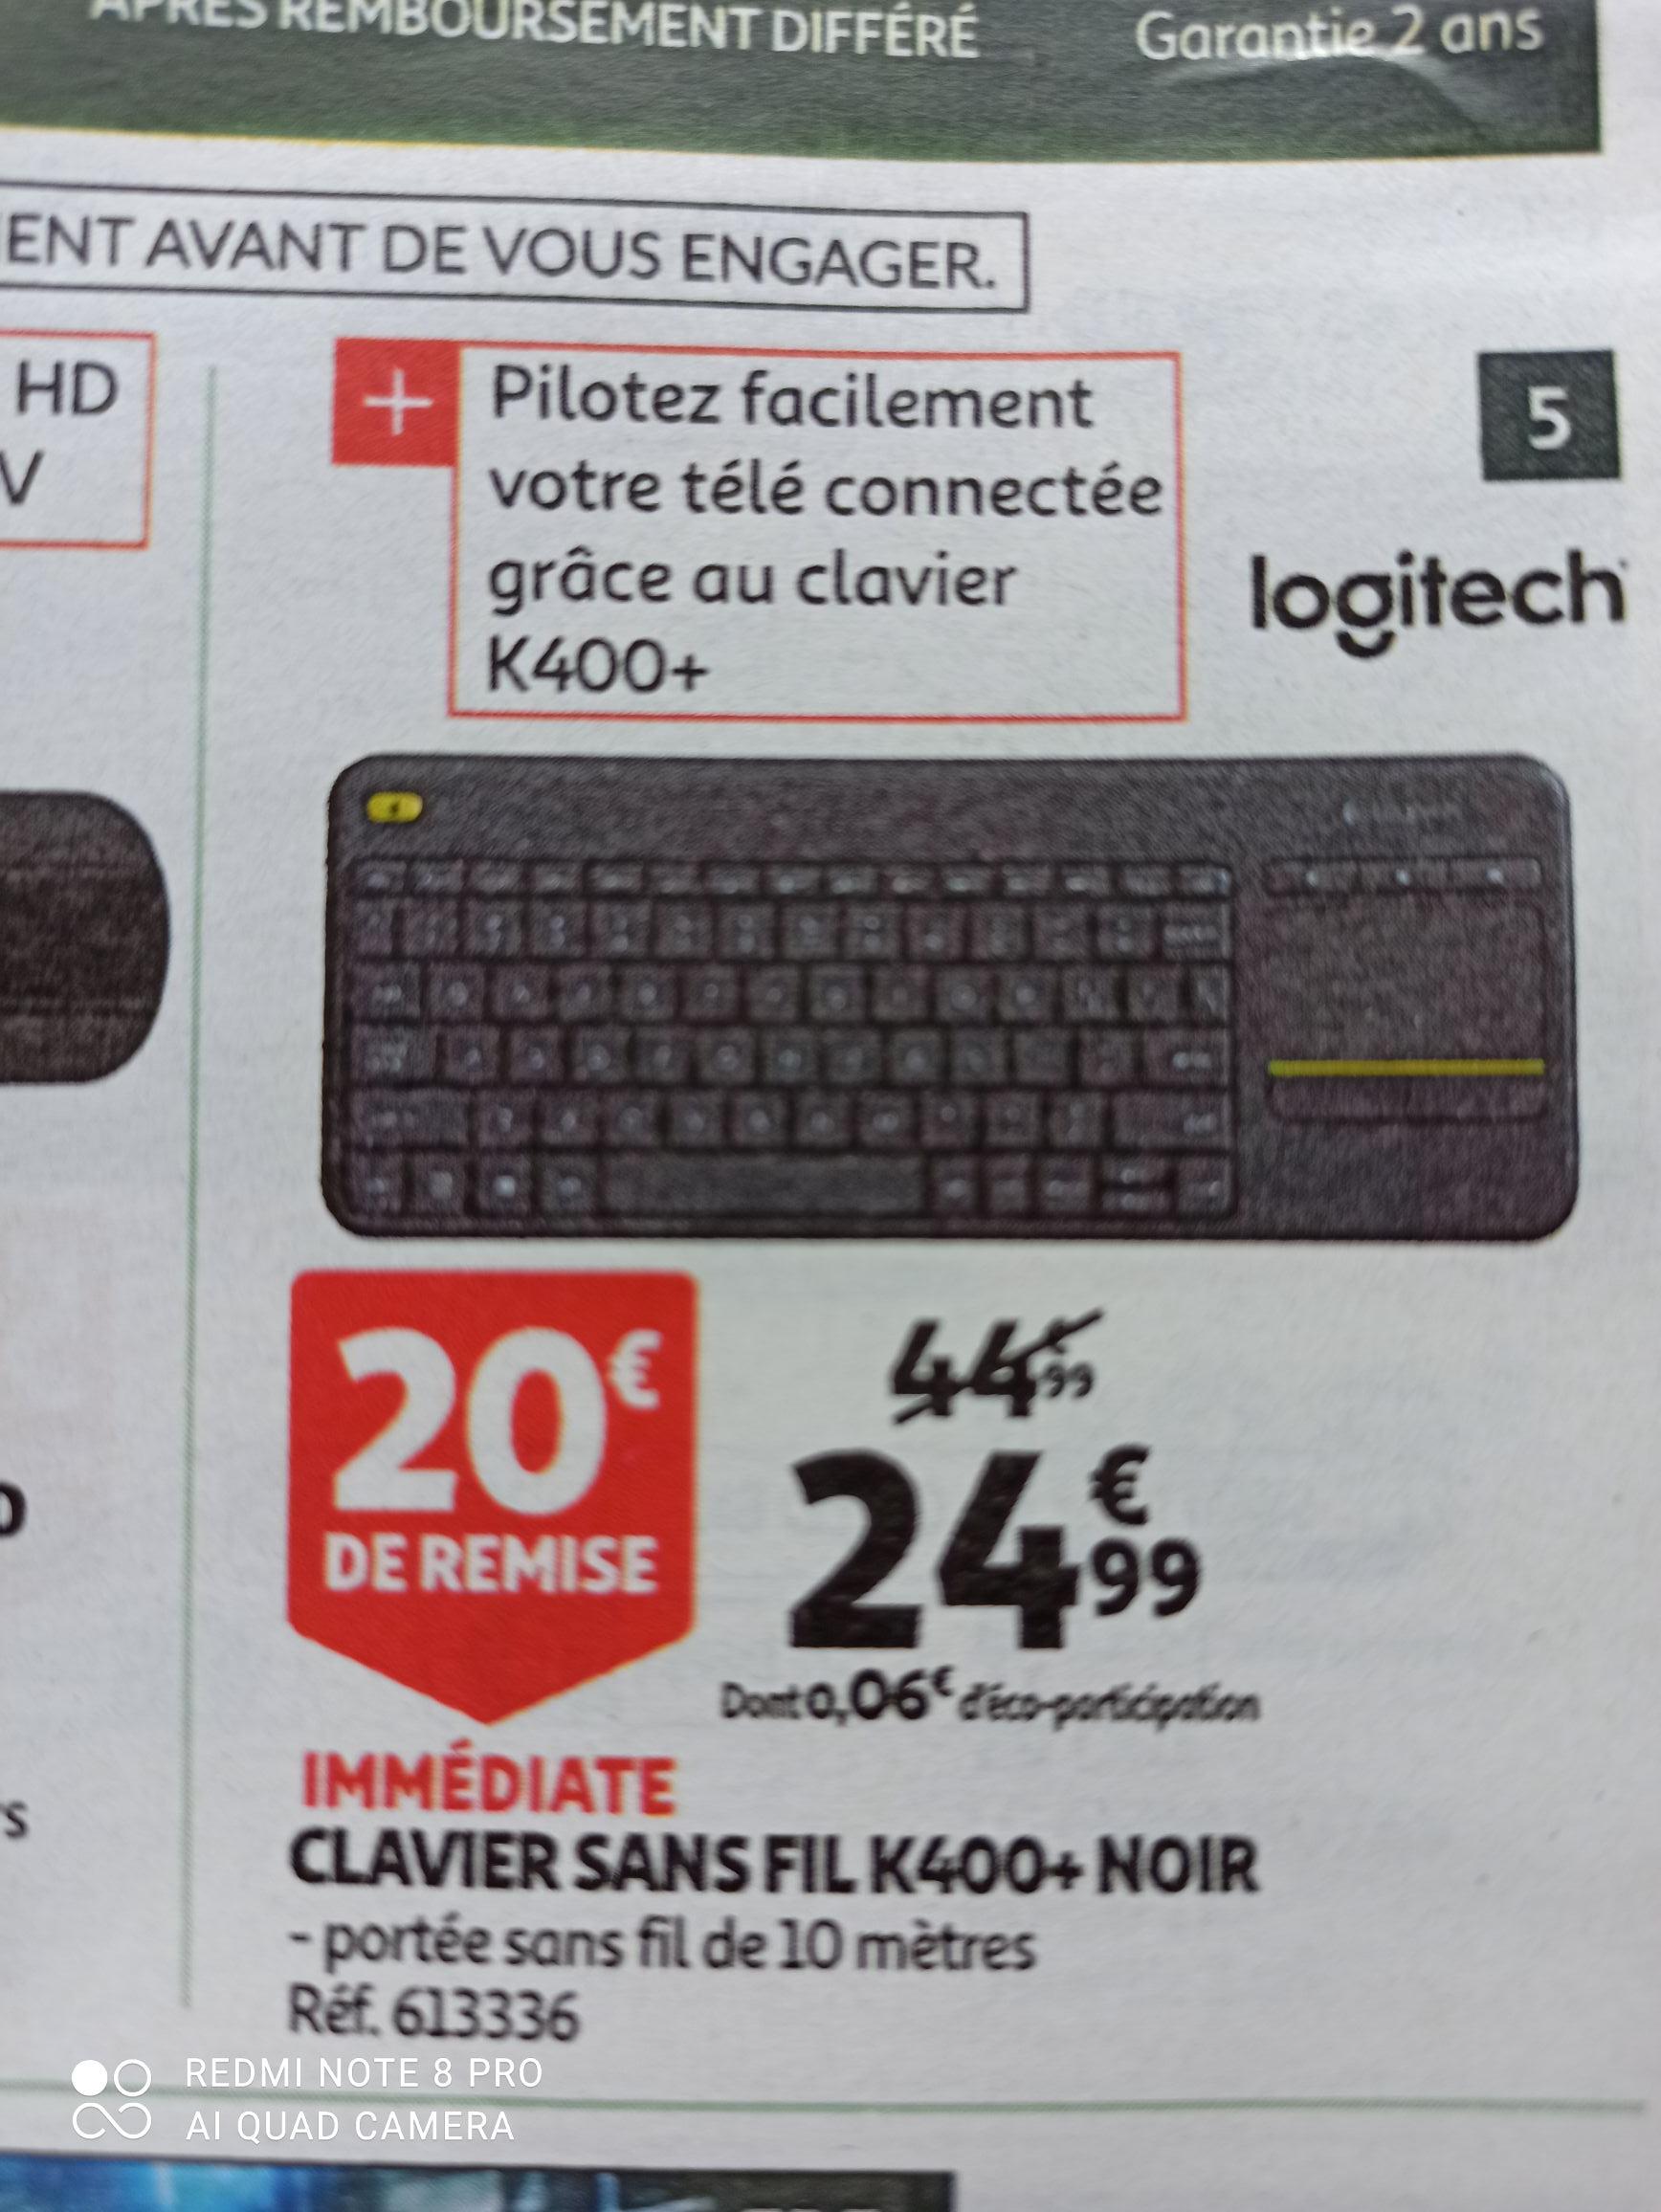 Clavier sans fil Logitech K400+